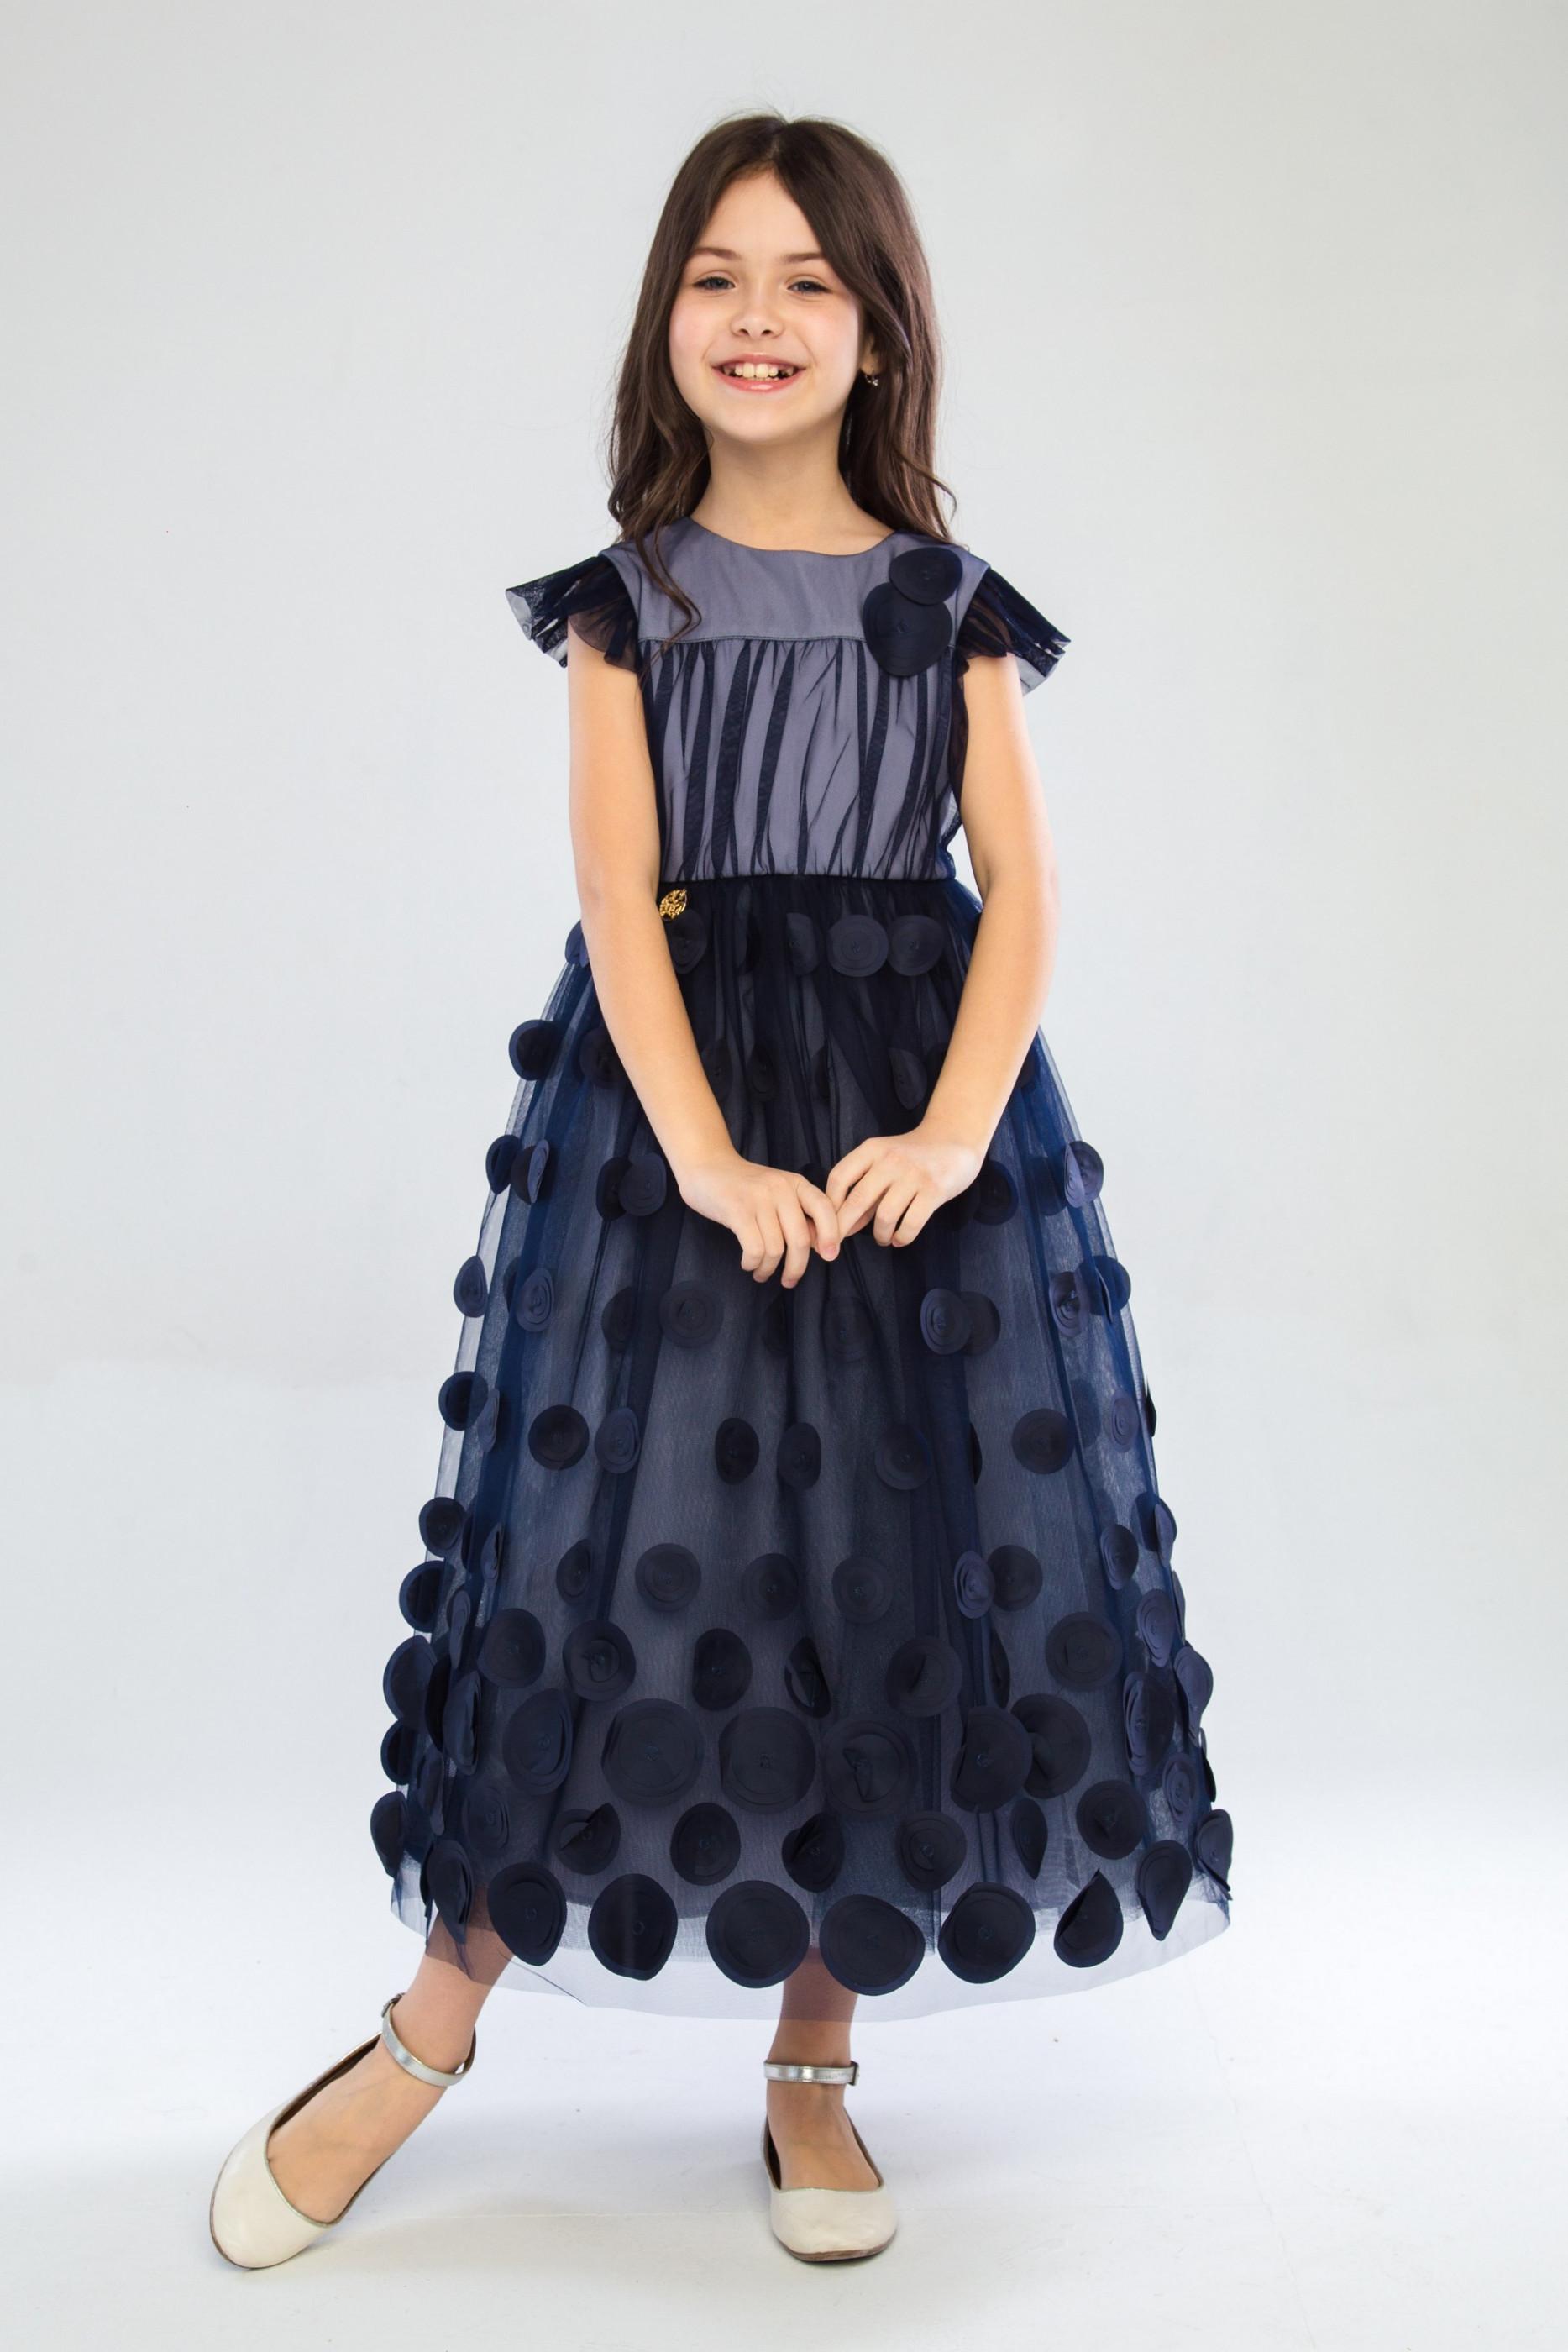 Плаття Розалі, фото №6